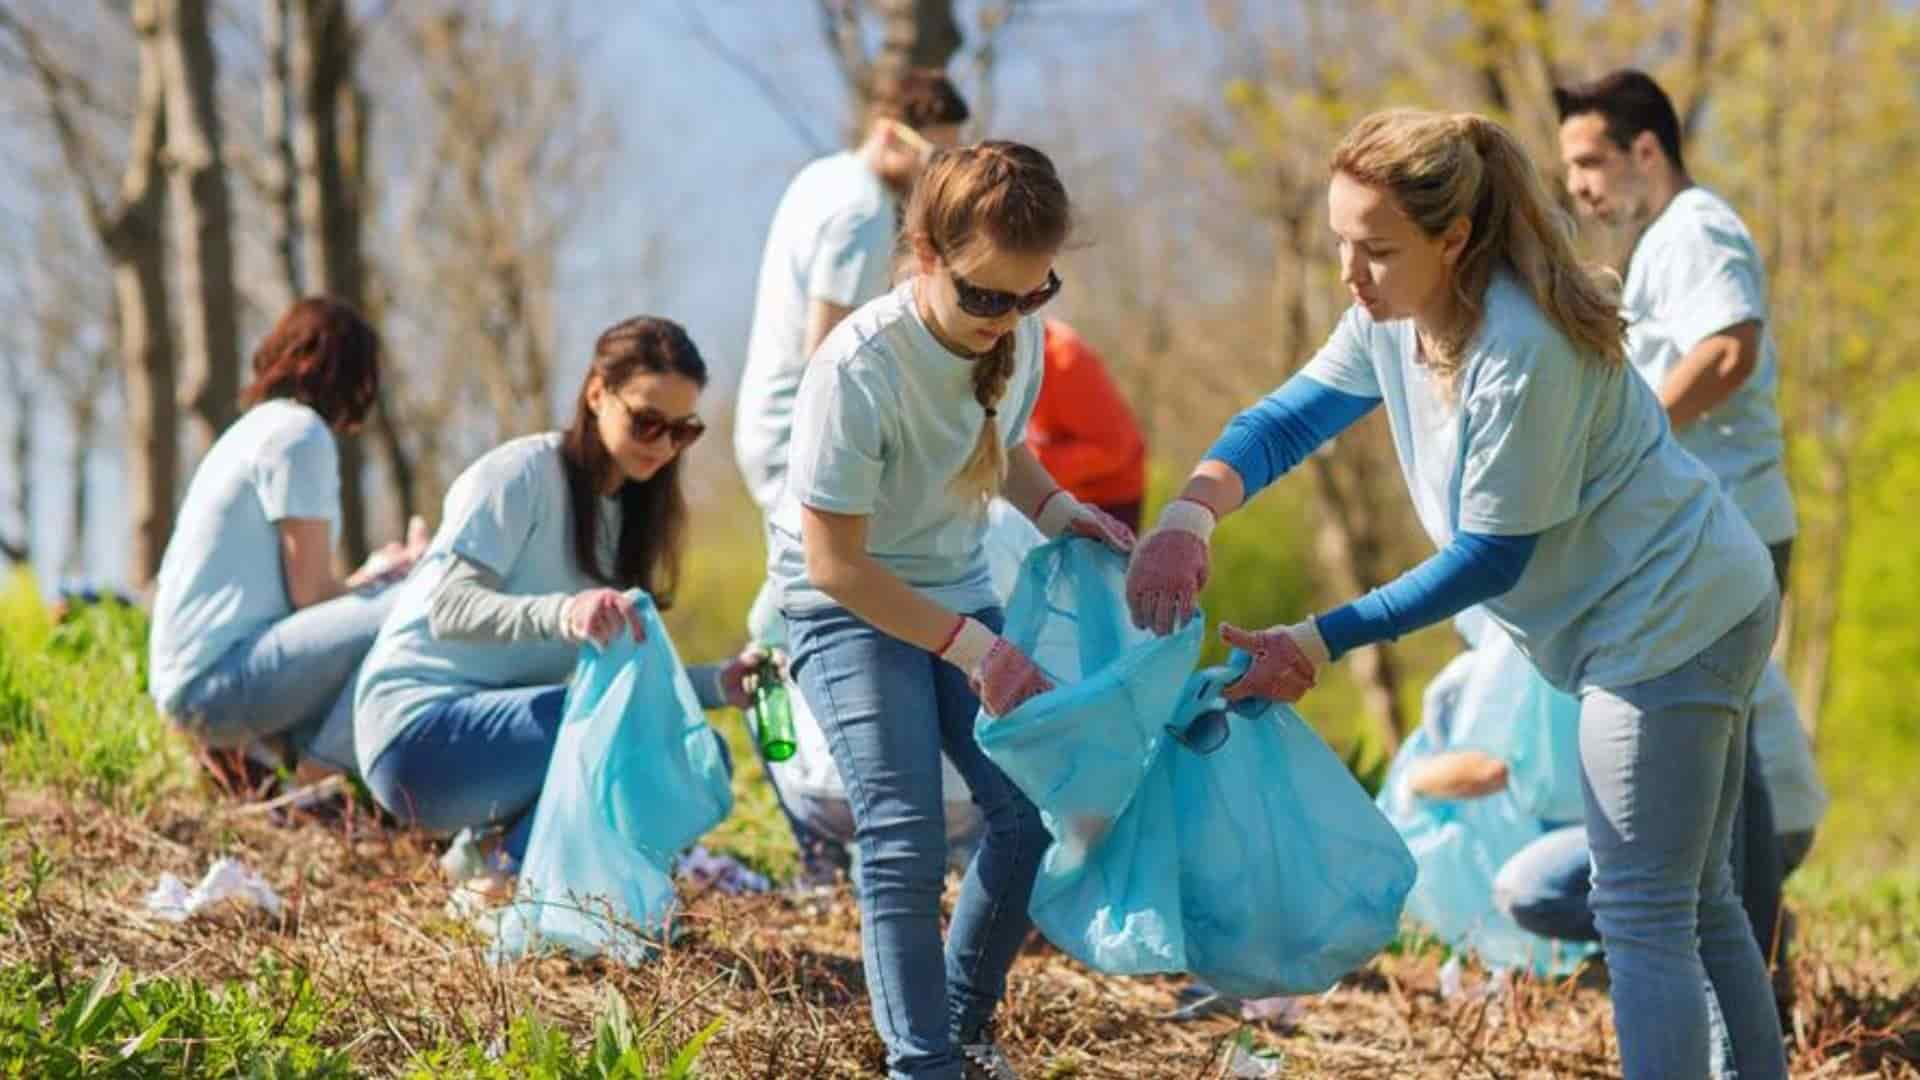 social works volunteering teenagers